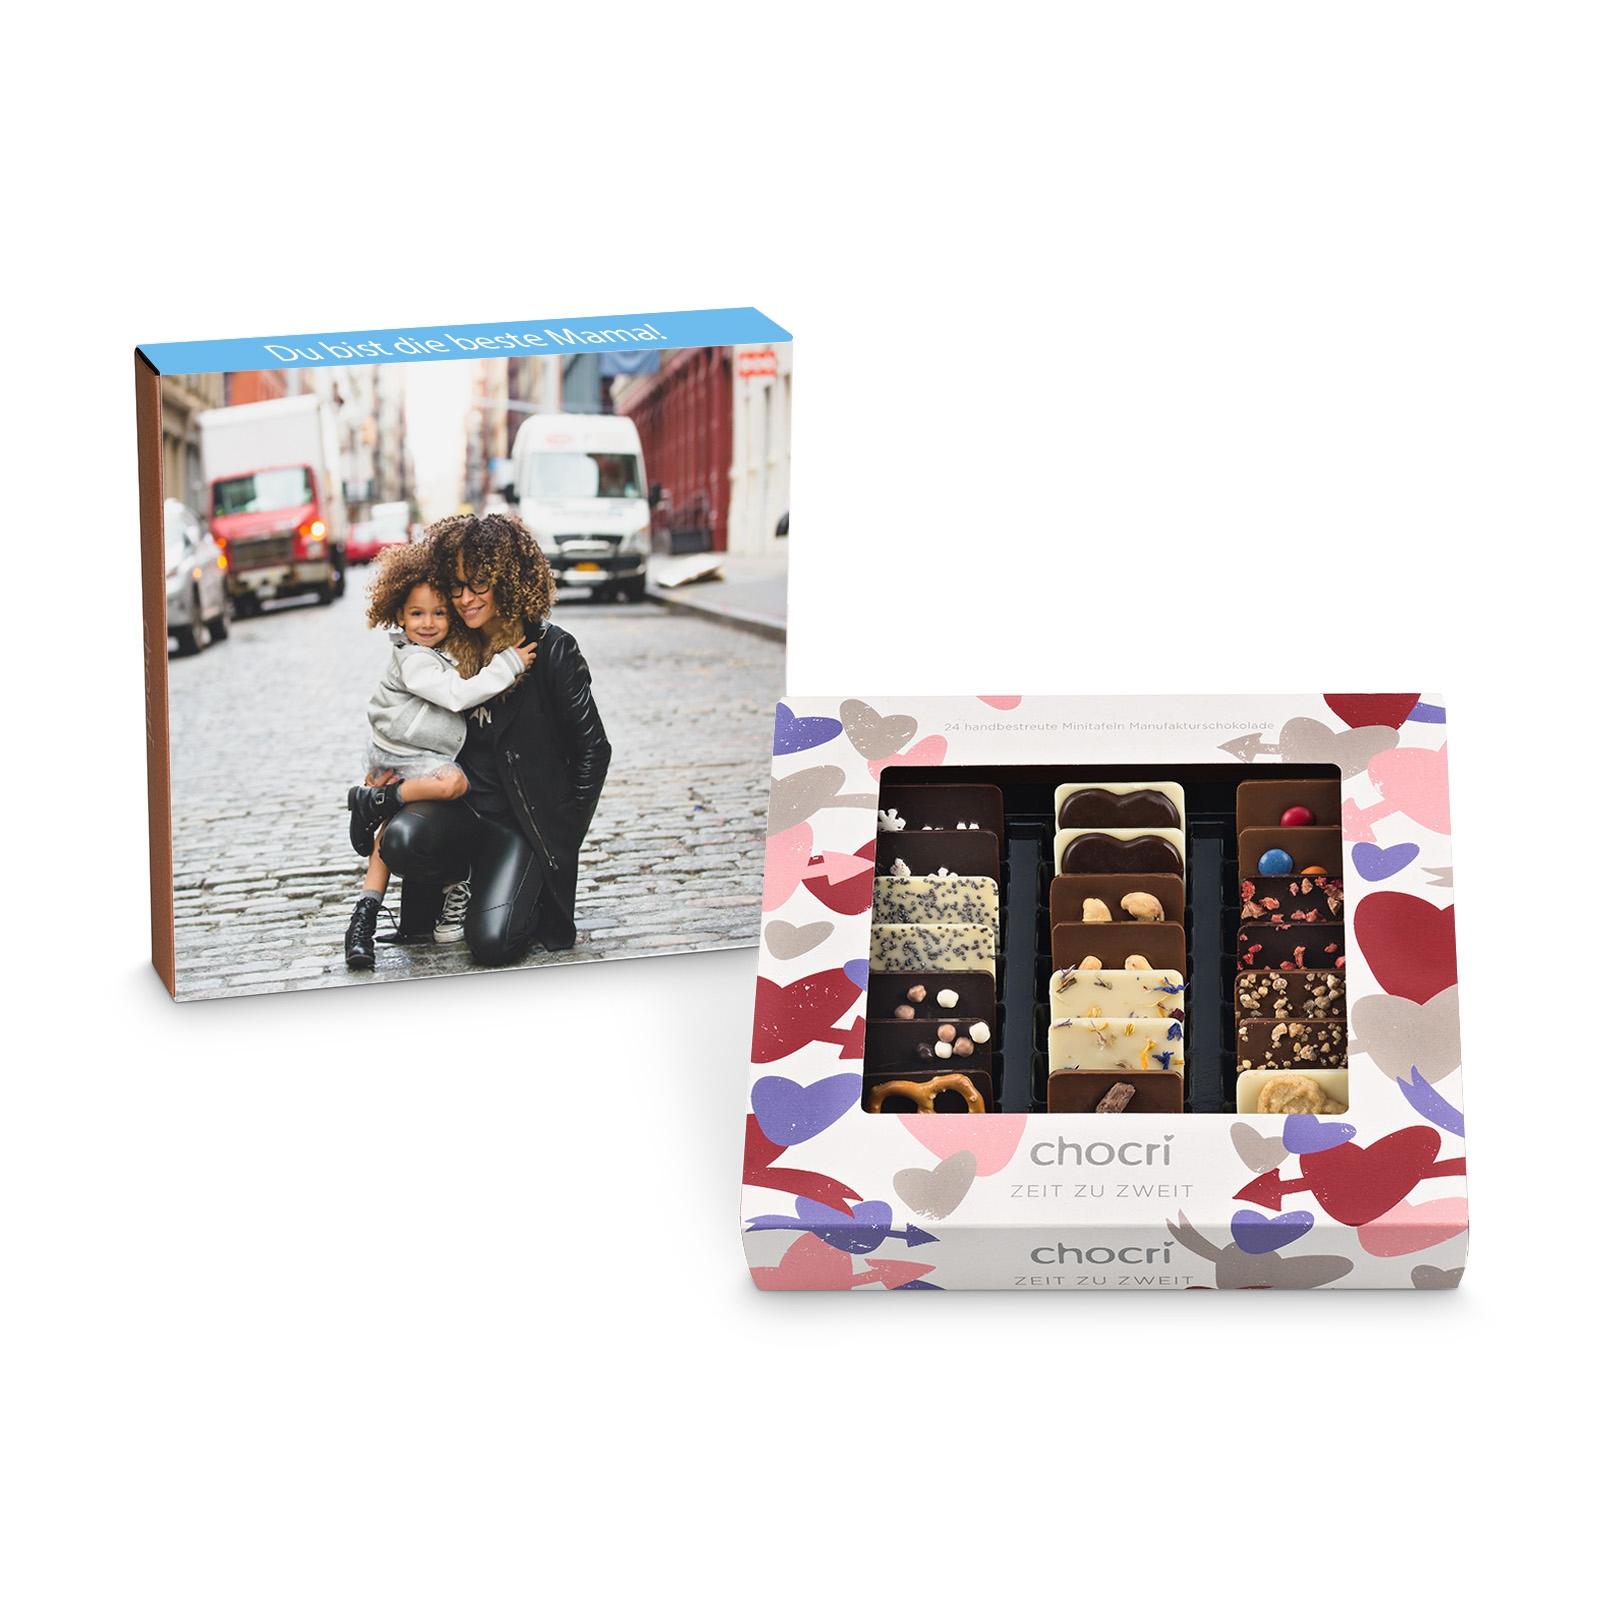 - chocri Weltreise® 'Zeit zu zweit' mit individueller Verpackung - Onlineshop Chocri